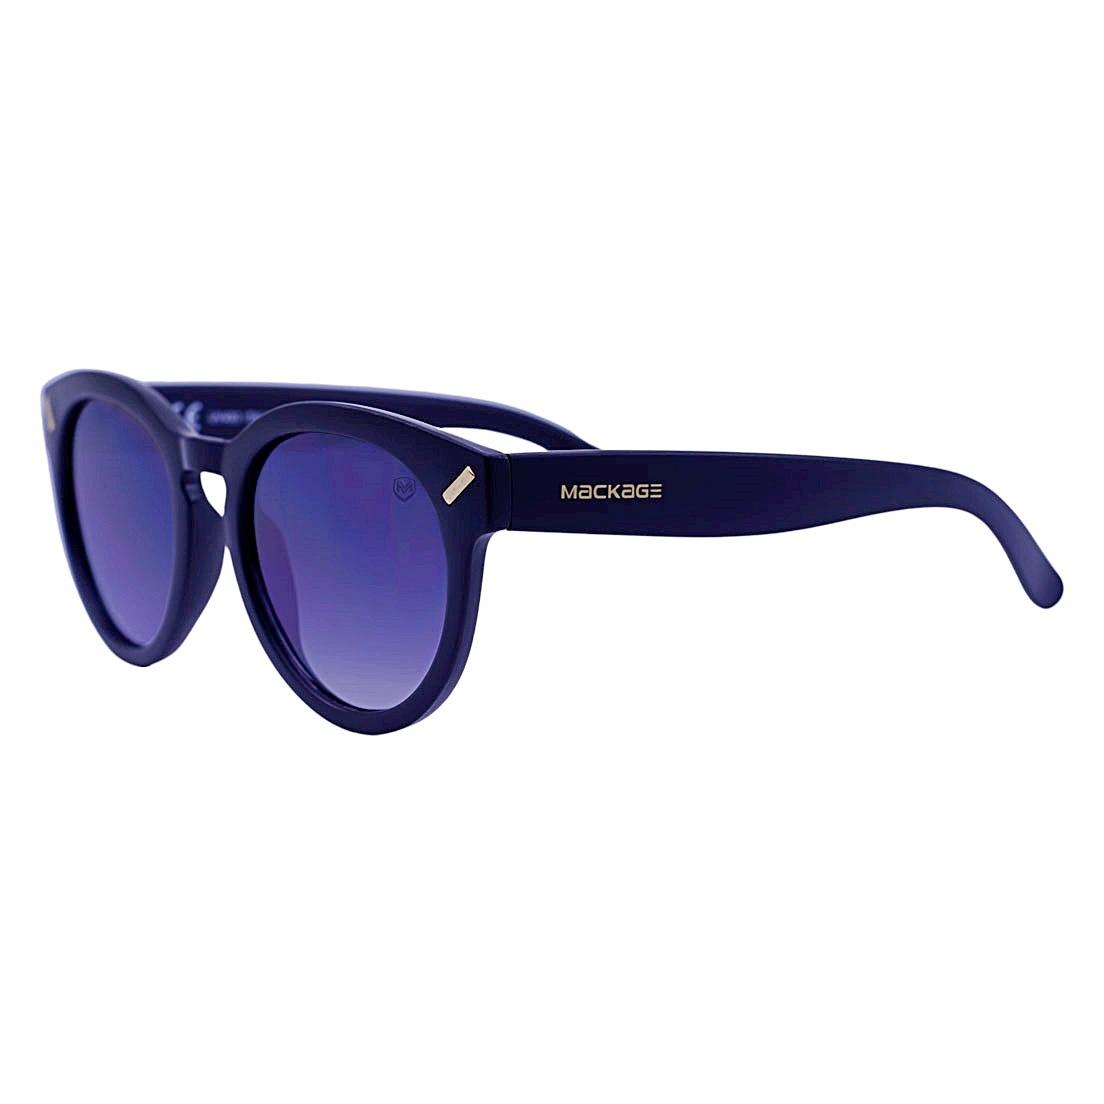 Óculos De Sol Mackage Unissex Acetato Retrô Round